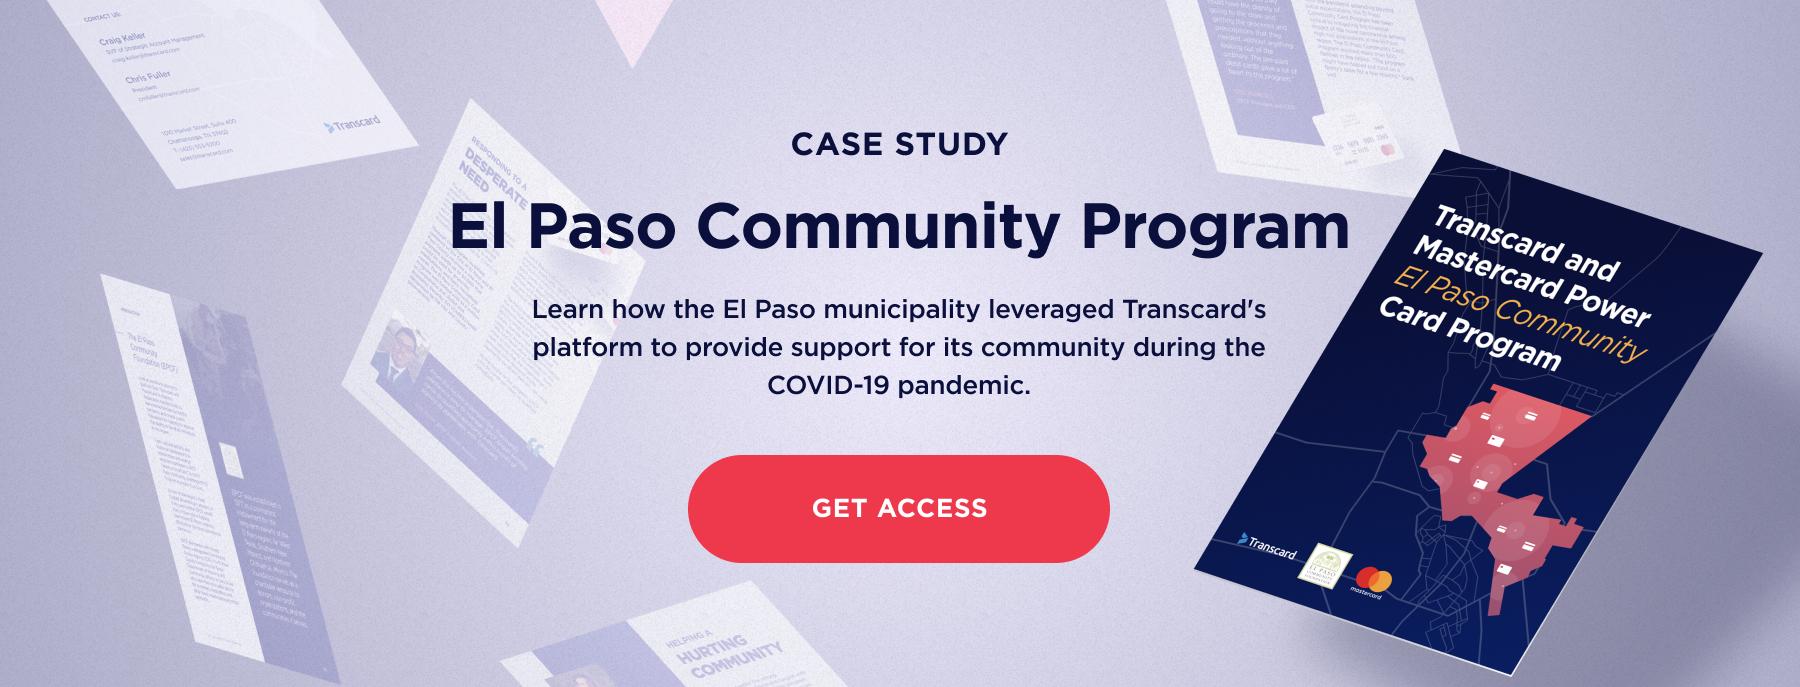 el-paso-community program